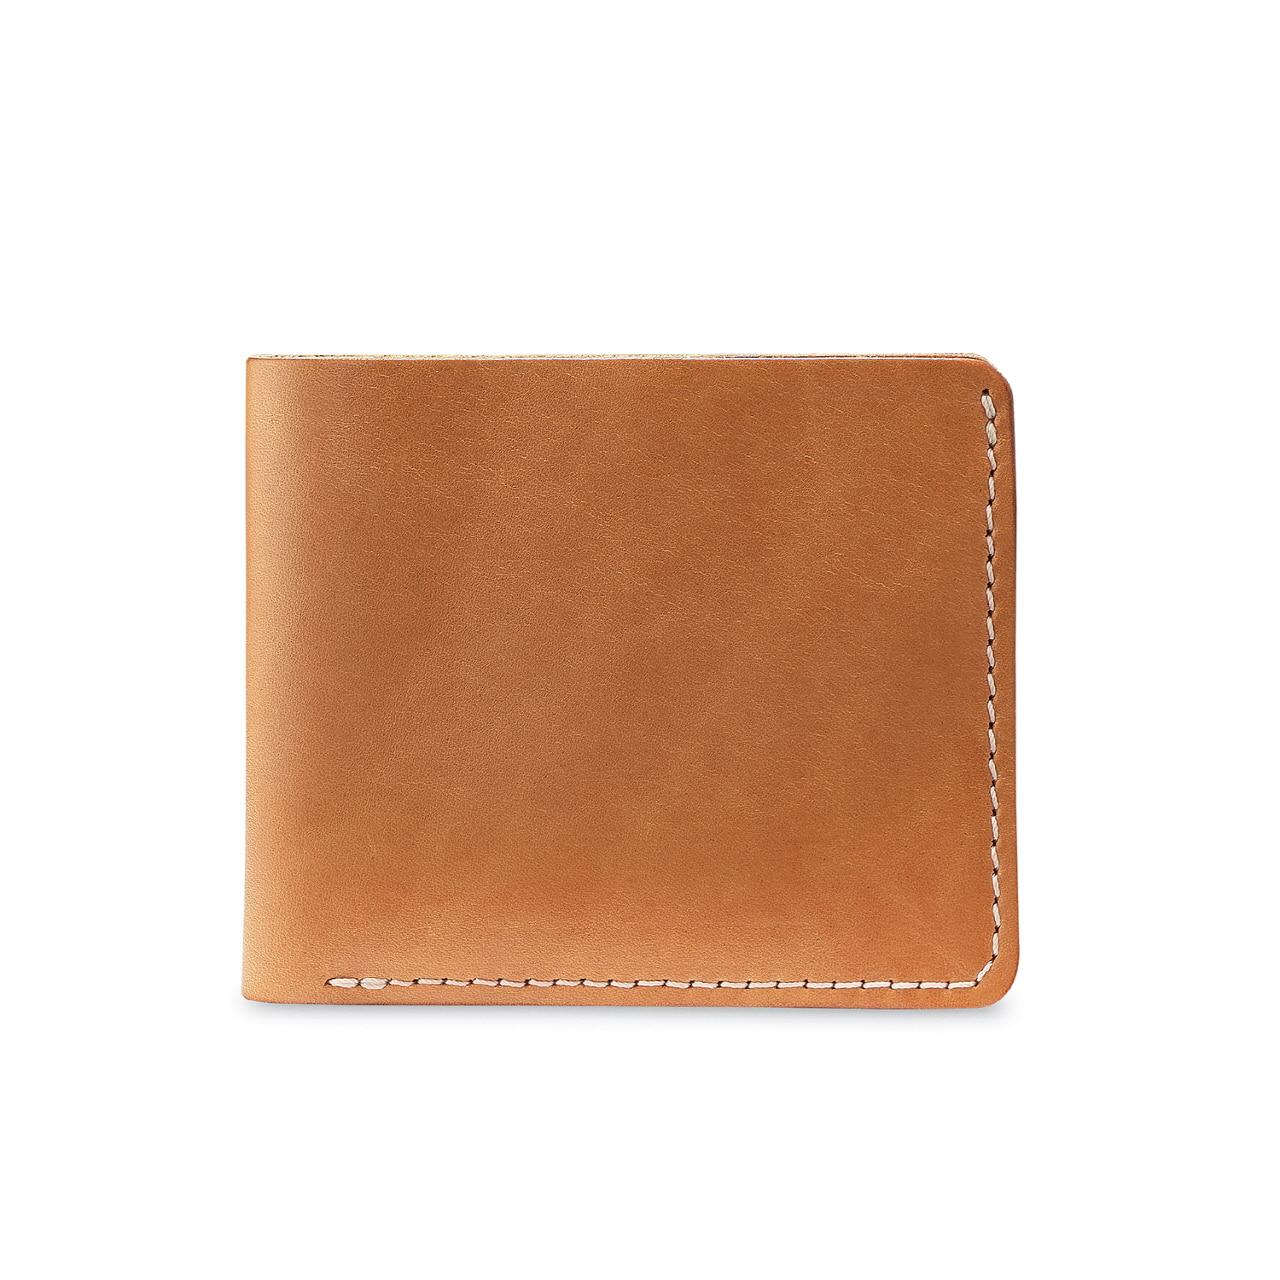 클래식 바이폴드 지갑 95026 - 내추럴 베지터블 탄